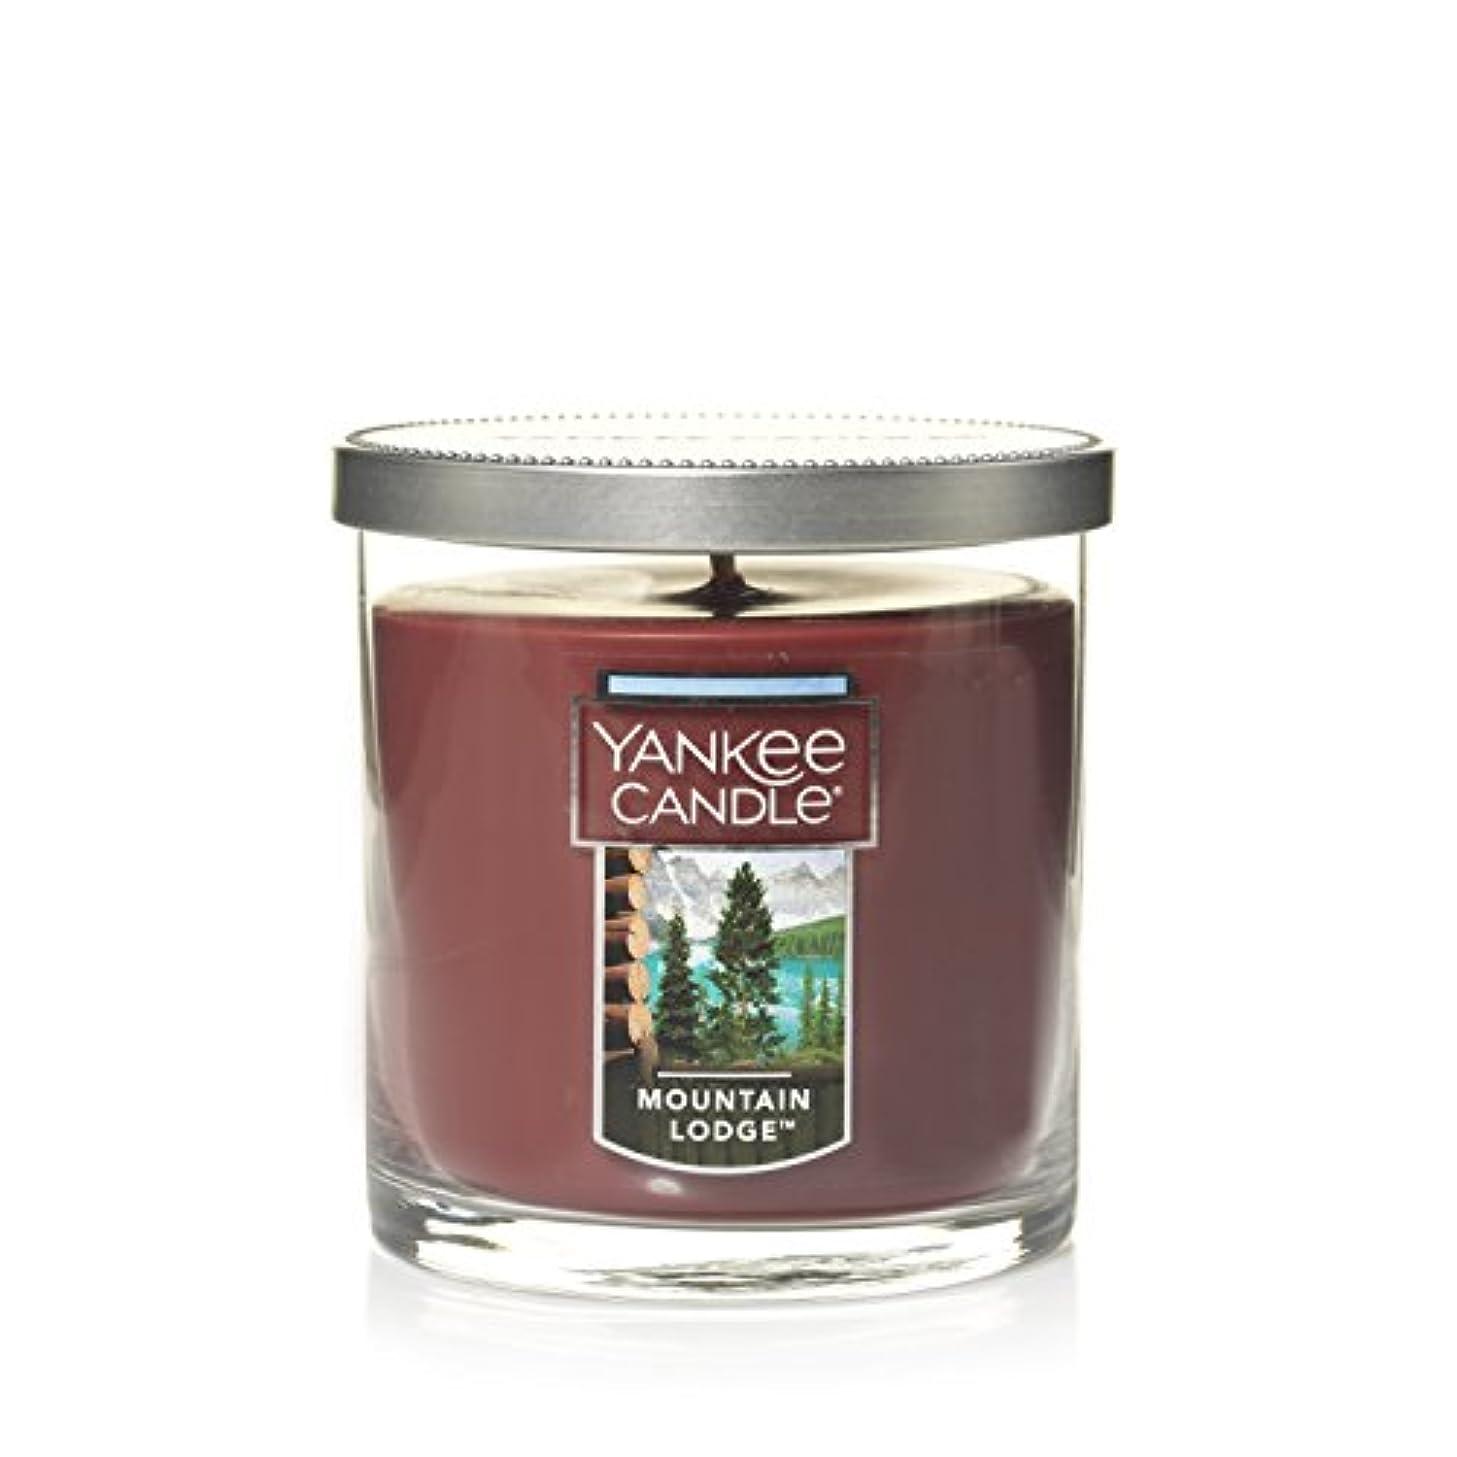 発疹スキム前部Yankee Candle Lサイズ ジャーキャンドル、マウンテンロッジ Small Tumbler Candle ブラウン 1187963Z